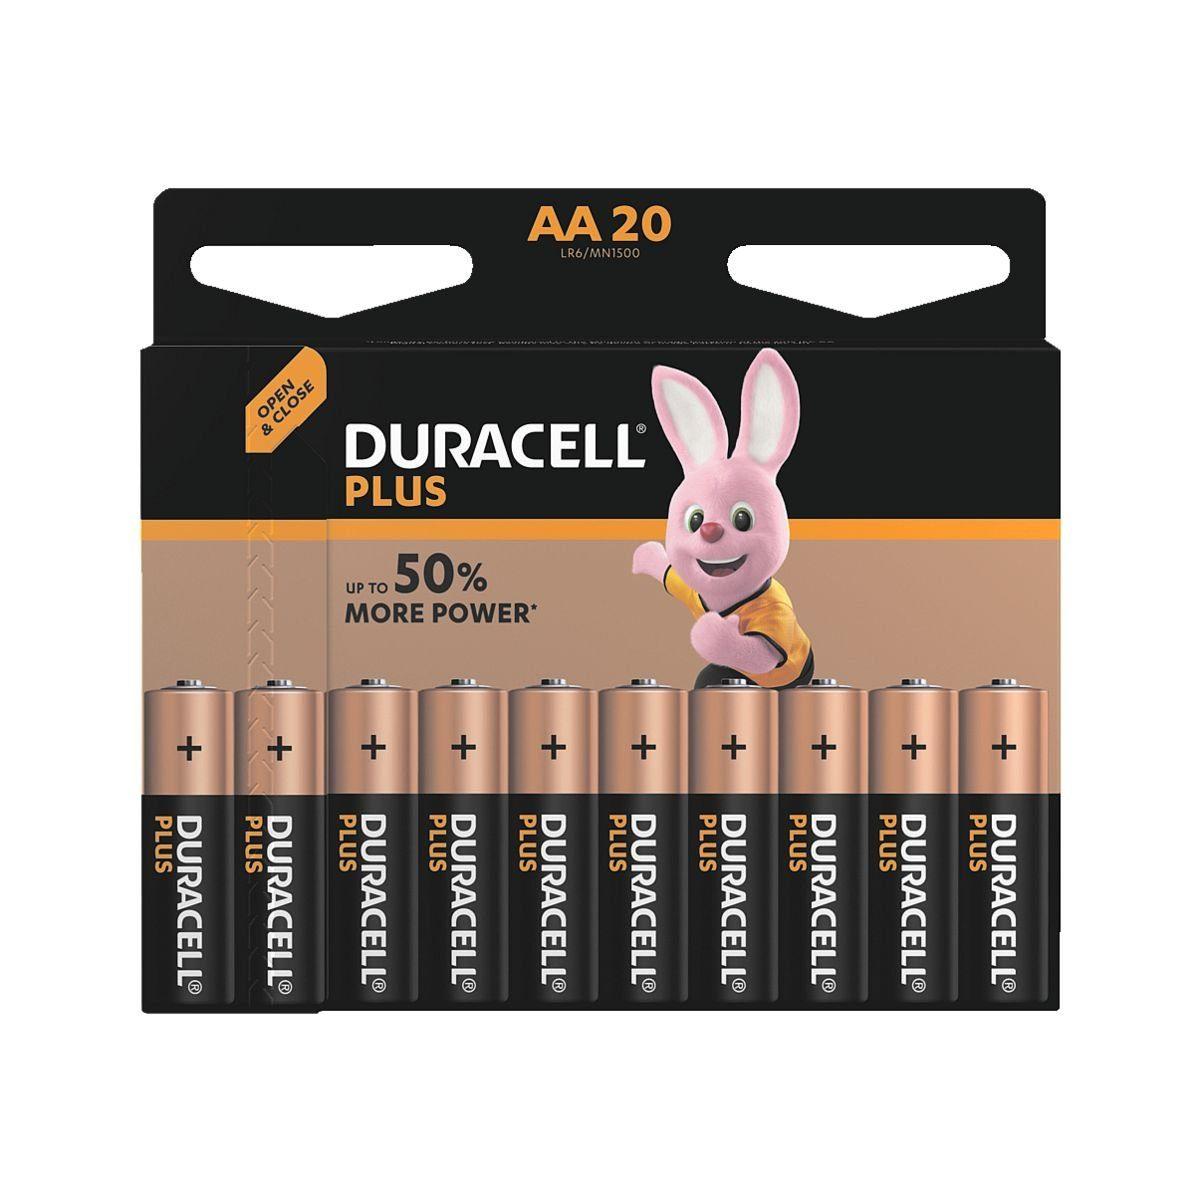 Duracell 20er-Pack Batterien »Plus Power« Mignon / AA / LR06